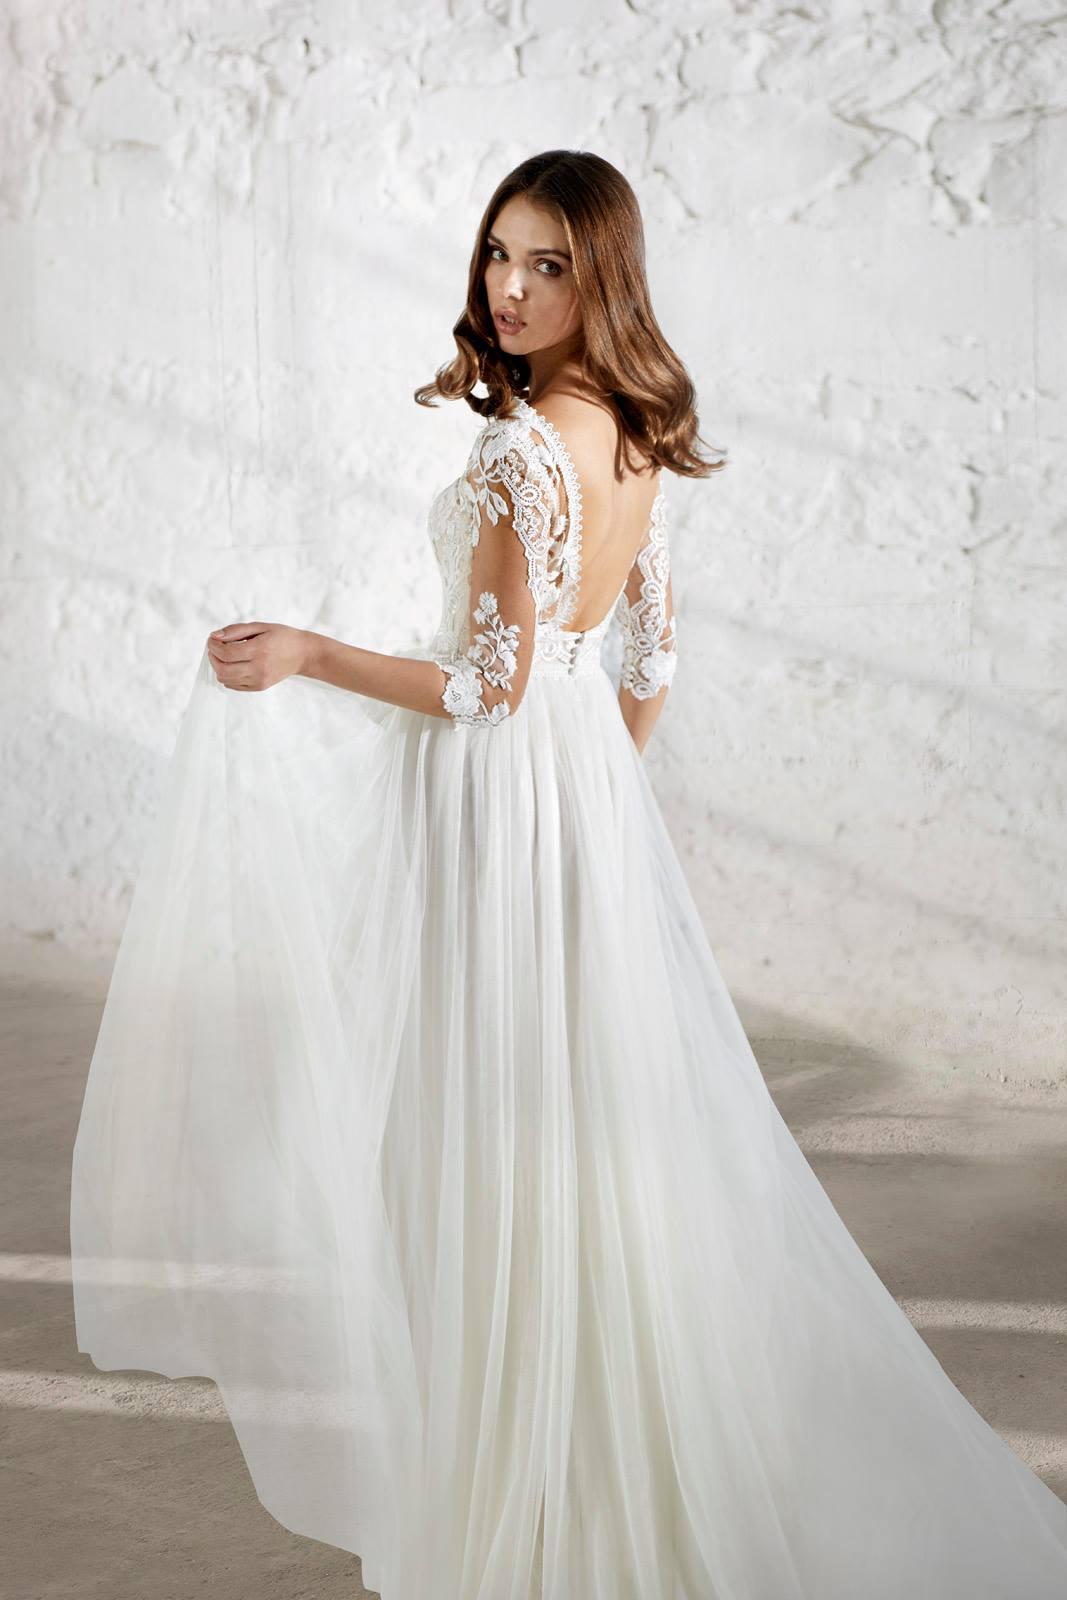 Αέρινο Νυφικό Φόρεμα, MODECA, με lace Μανίκια. Style. ENSLEY